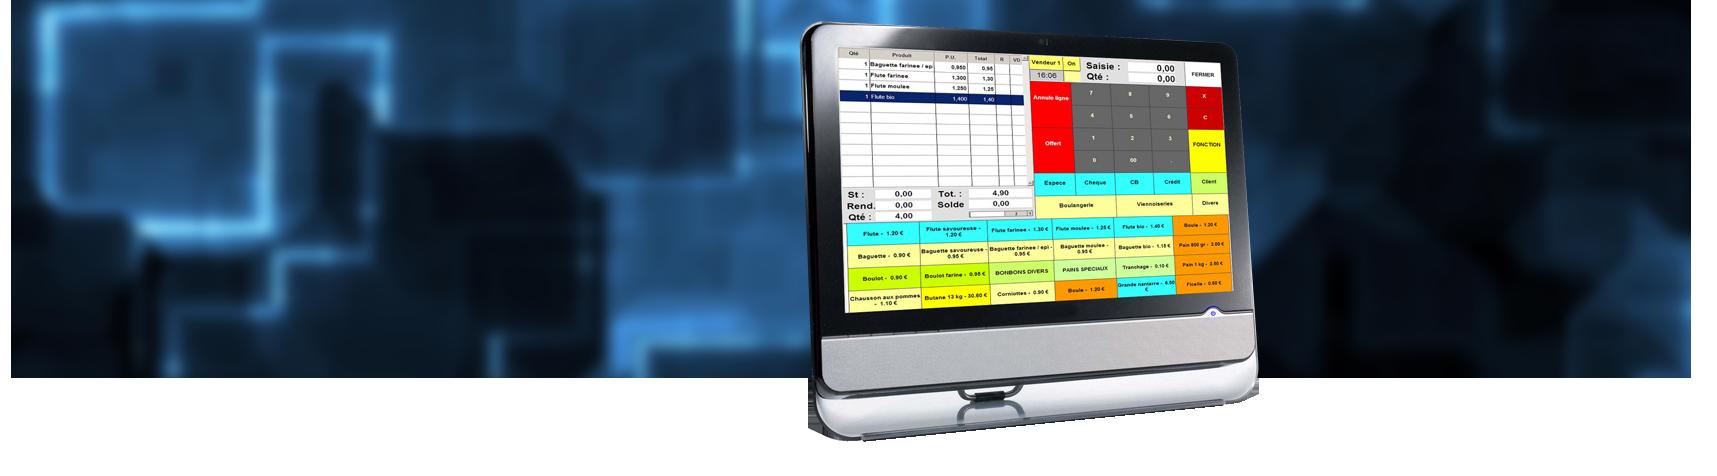 logicielsde caisse  Des solutions sur-mesure pour votre profession et votre dimension d'entreprise.